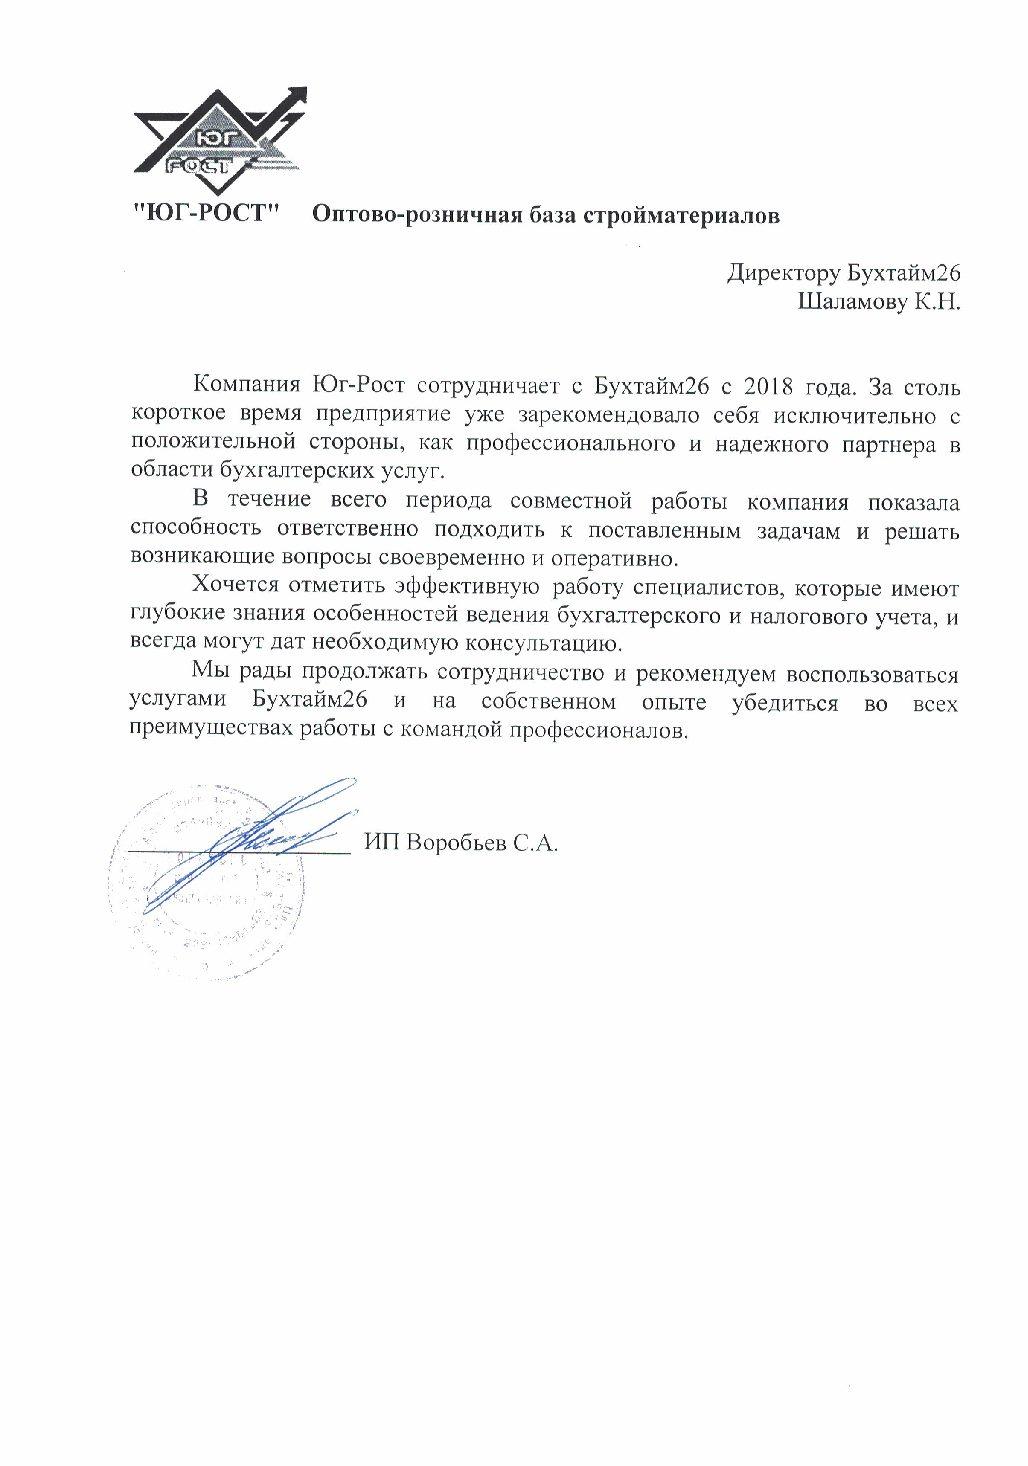 ЮГ-Рост (ИП Воробьев С.А.)